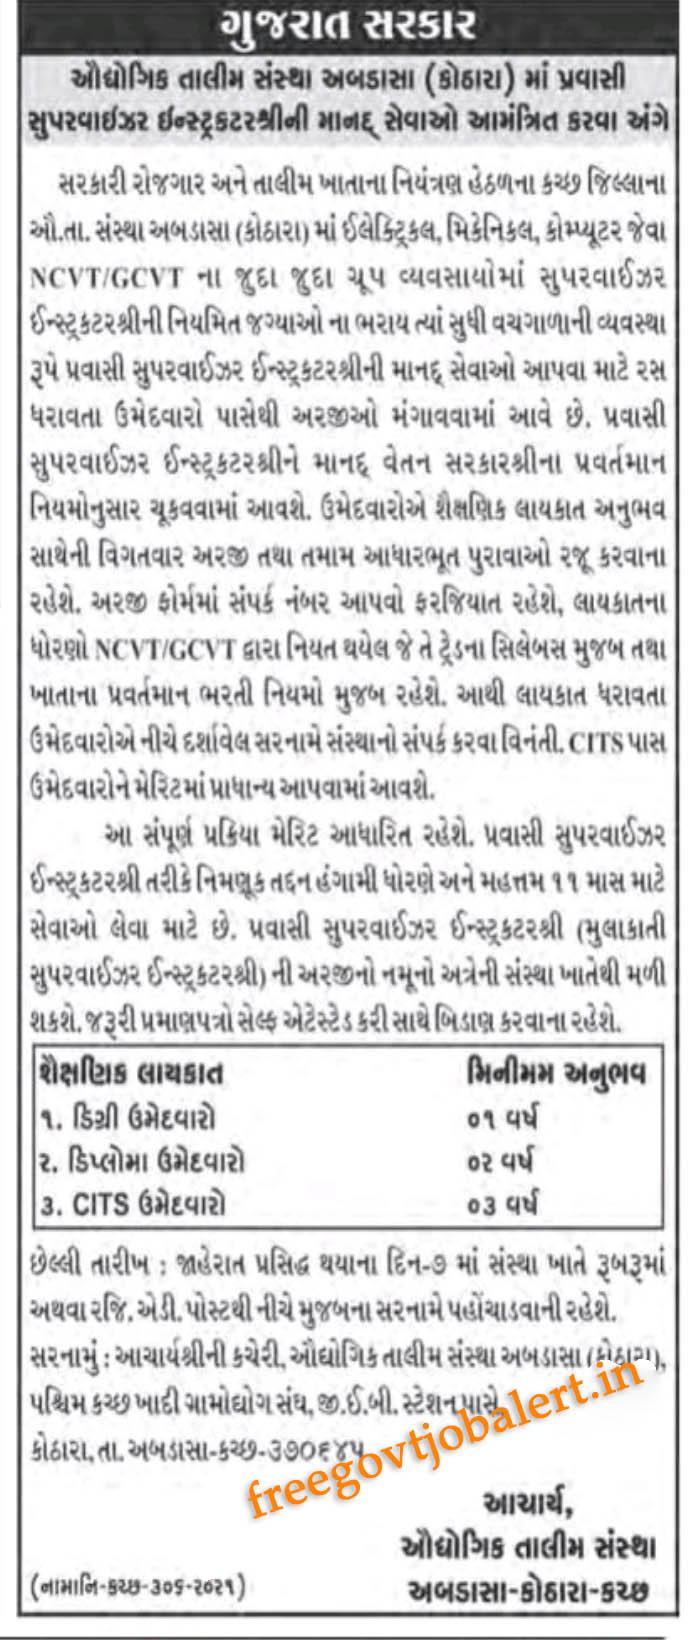 ITI Abdasa (Kothara) Recruitment 2021- Pravasi Supervisor Instructor Post